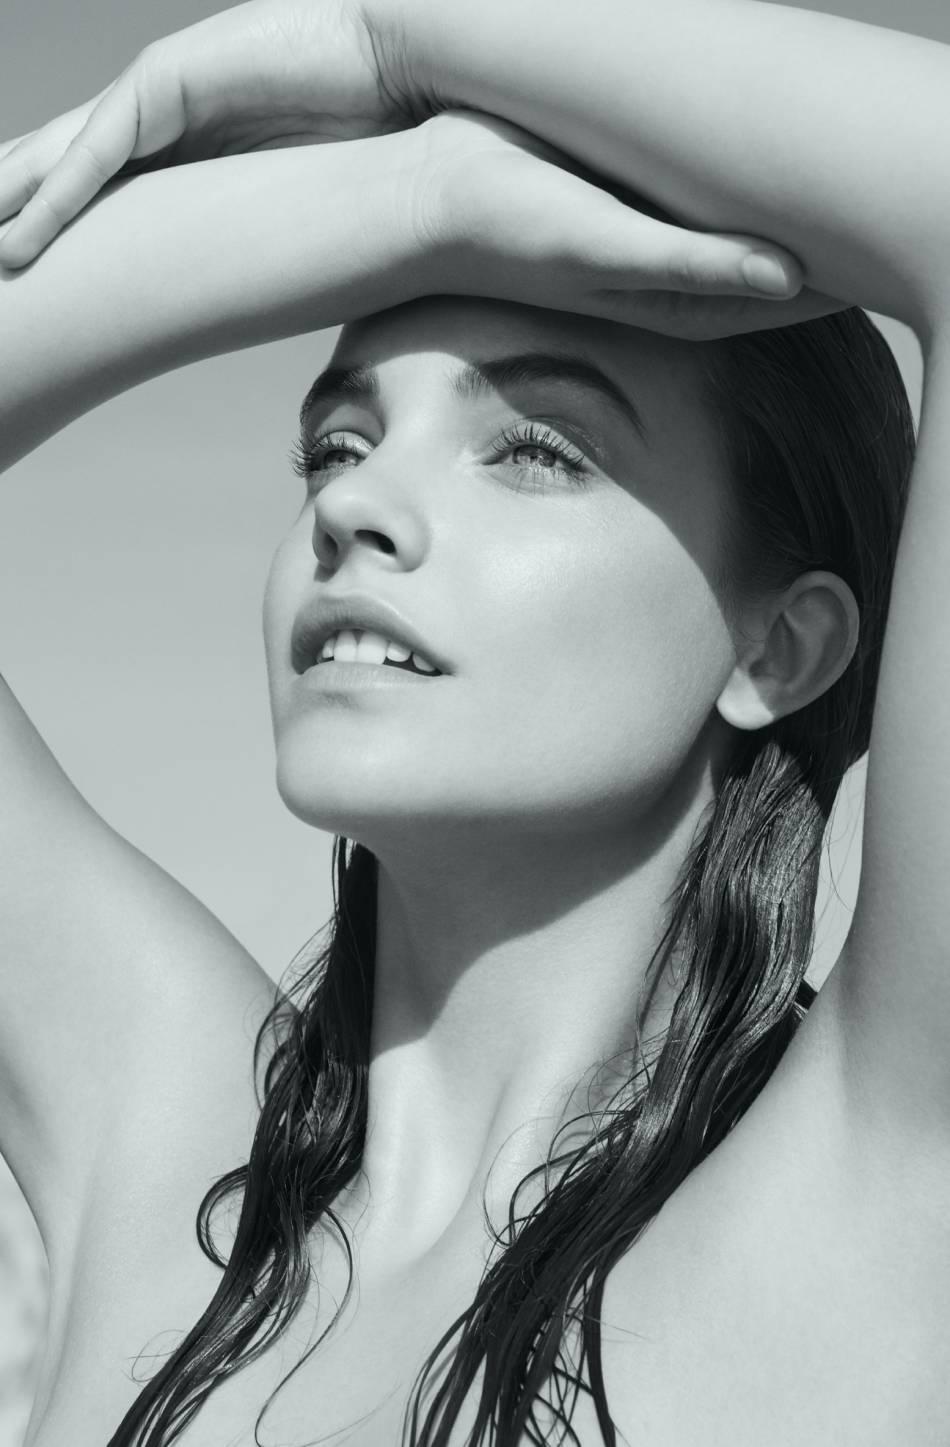 La ravissante hongroise Barbara Palvin devient le visage d'Acqua di Gioia pour Armani.